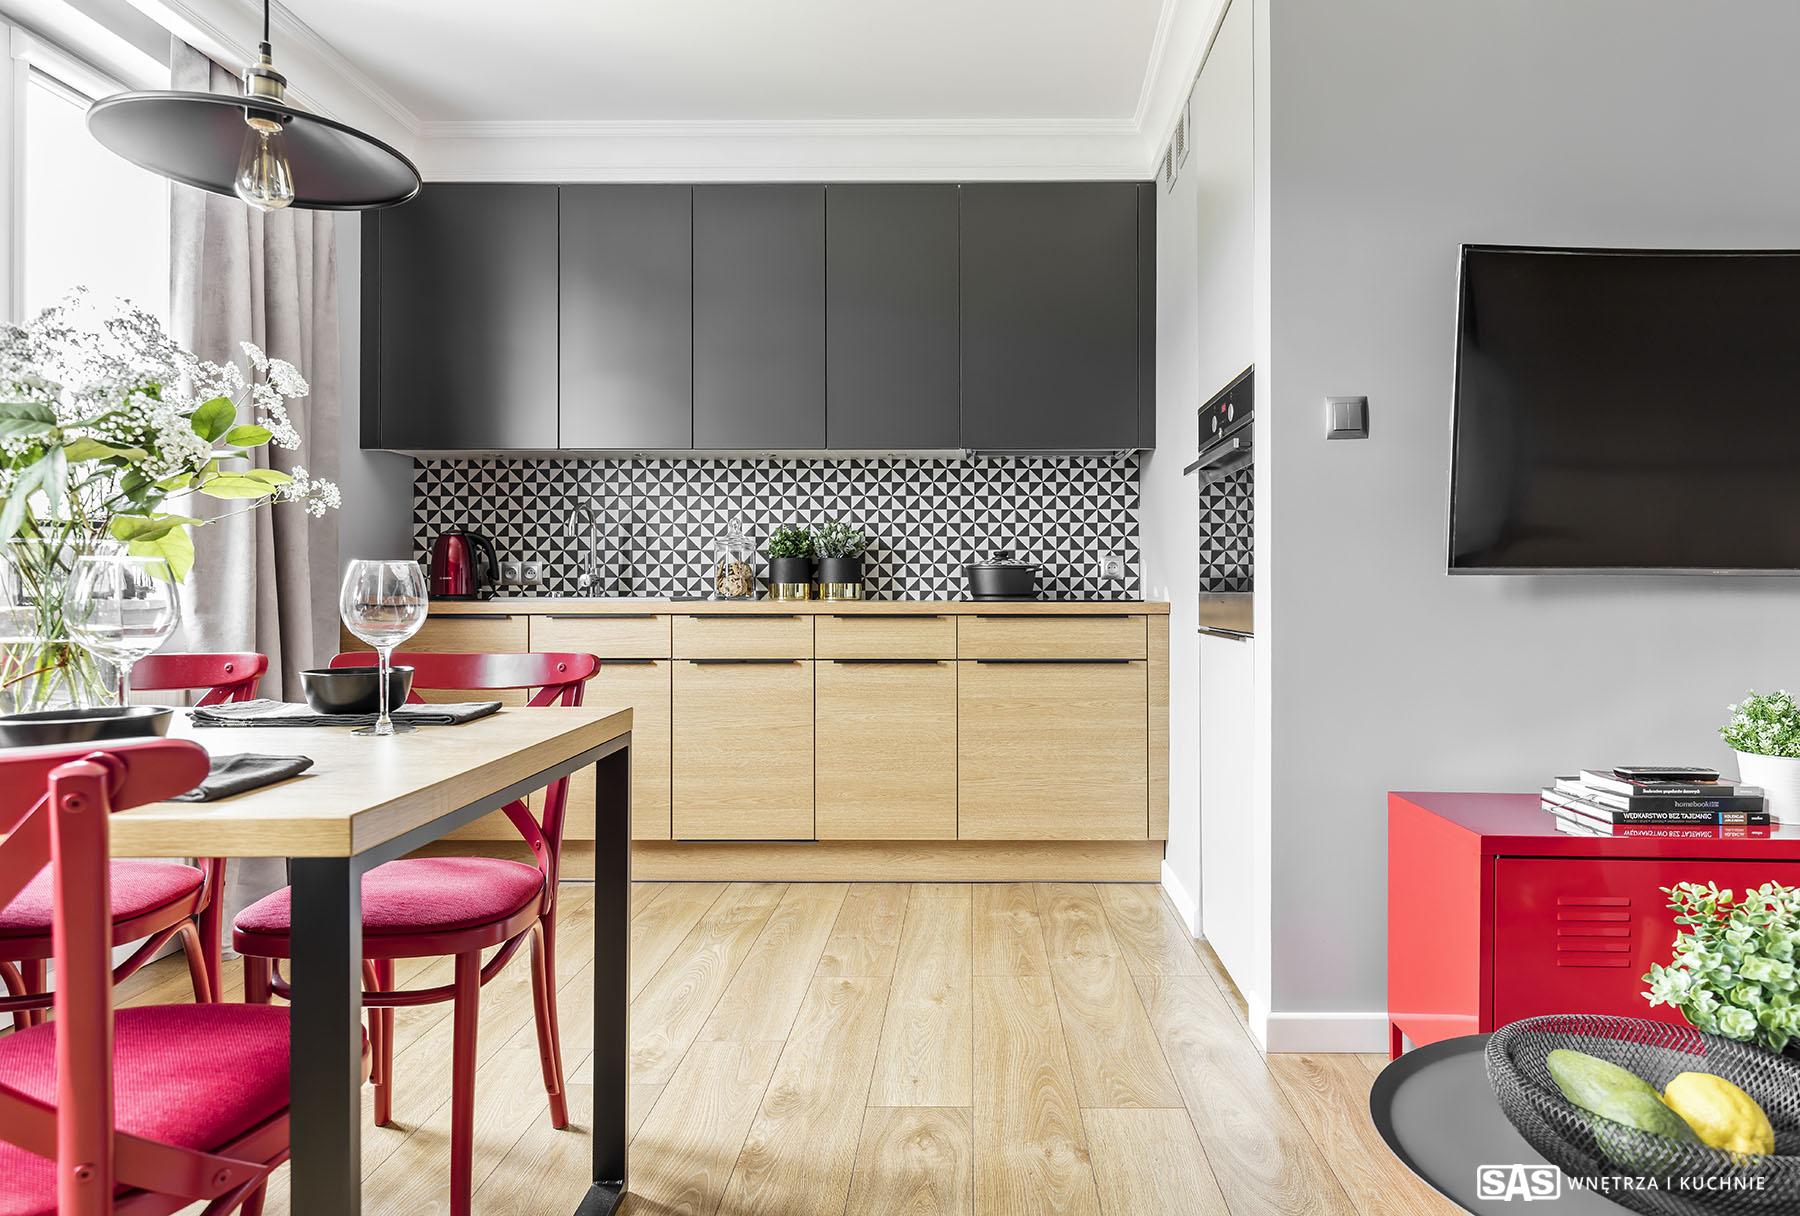 Meble kuchenne na wymiar wykonanie SAS Wnętrze i Kuchnie - projekt architekt wnętrz Emilia Strzempek Plasun.